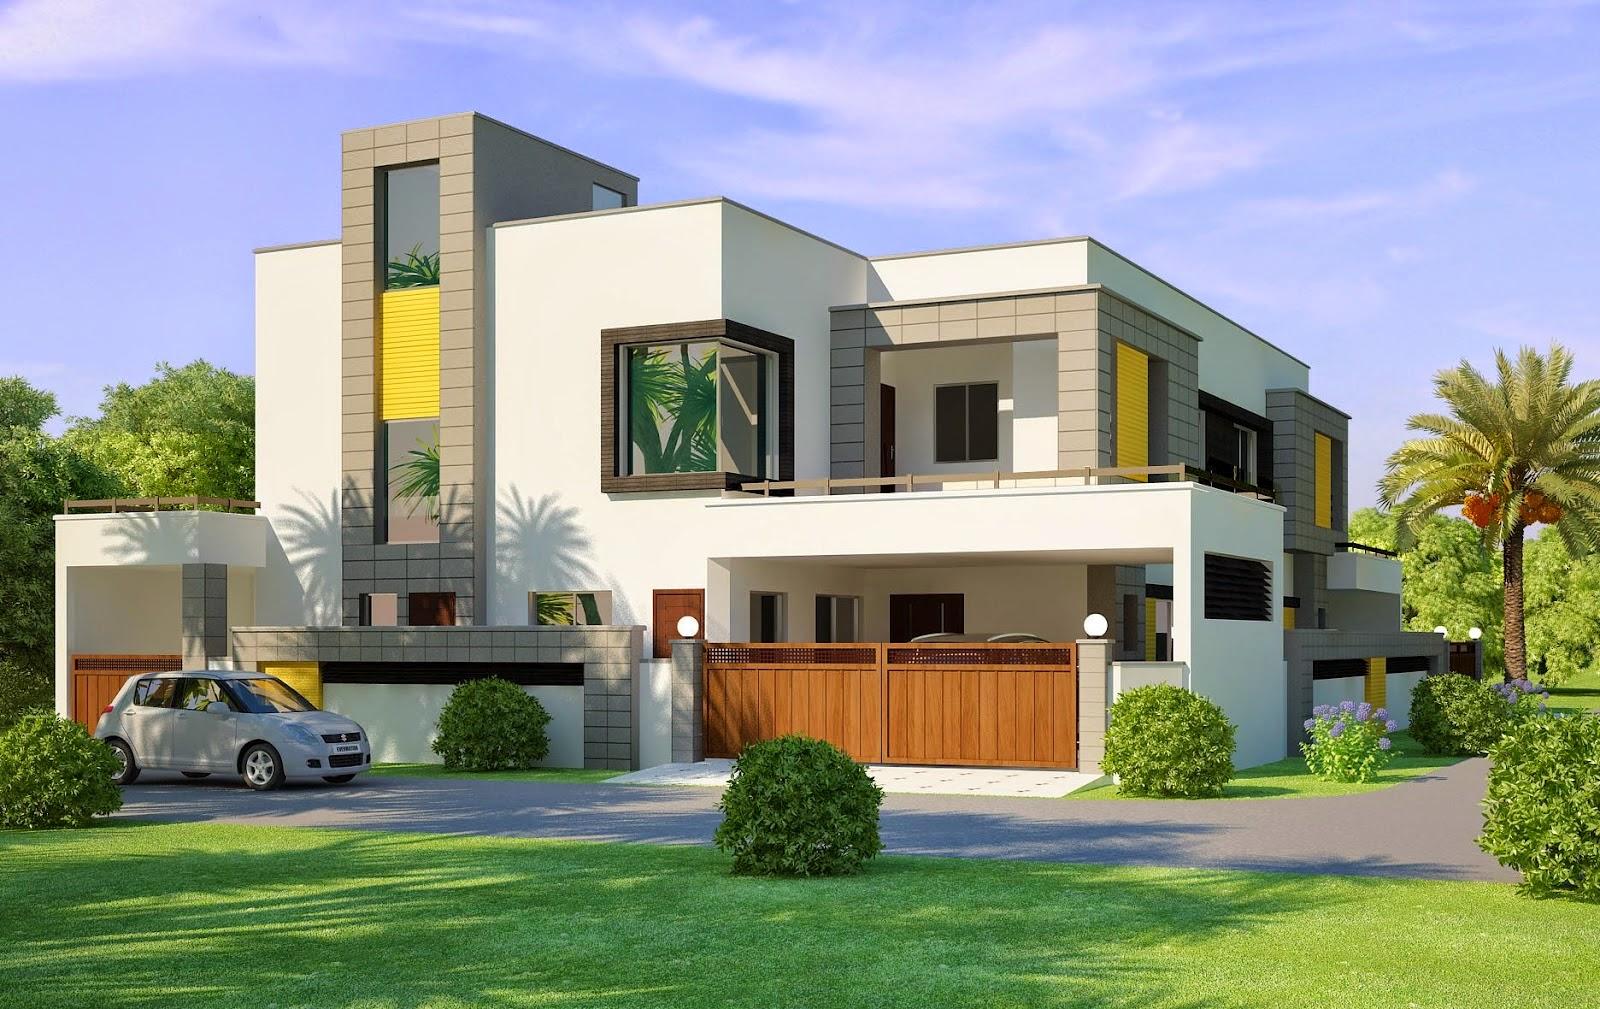 100 Home Exterior Design Services Unique House Exterior Home Exterior Design Small